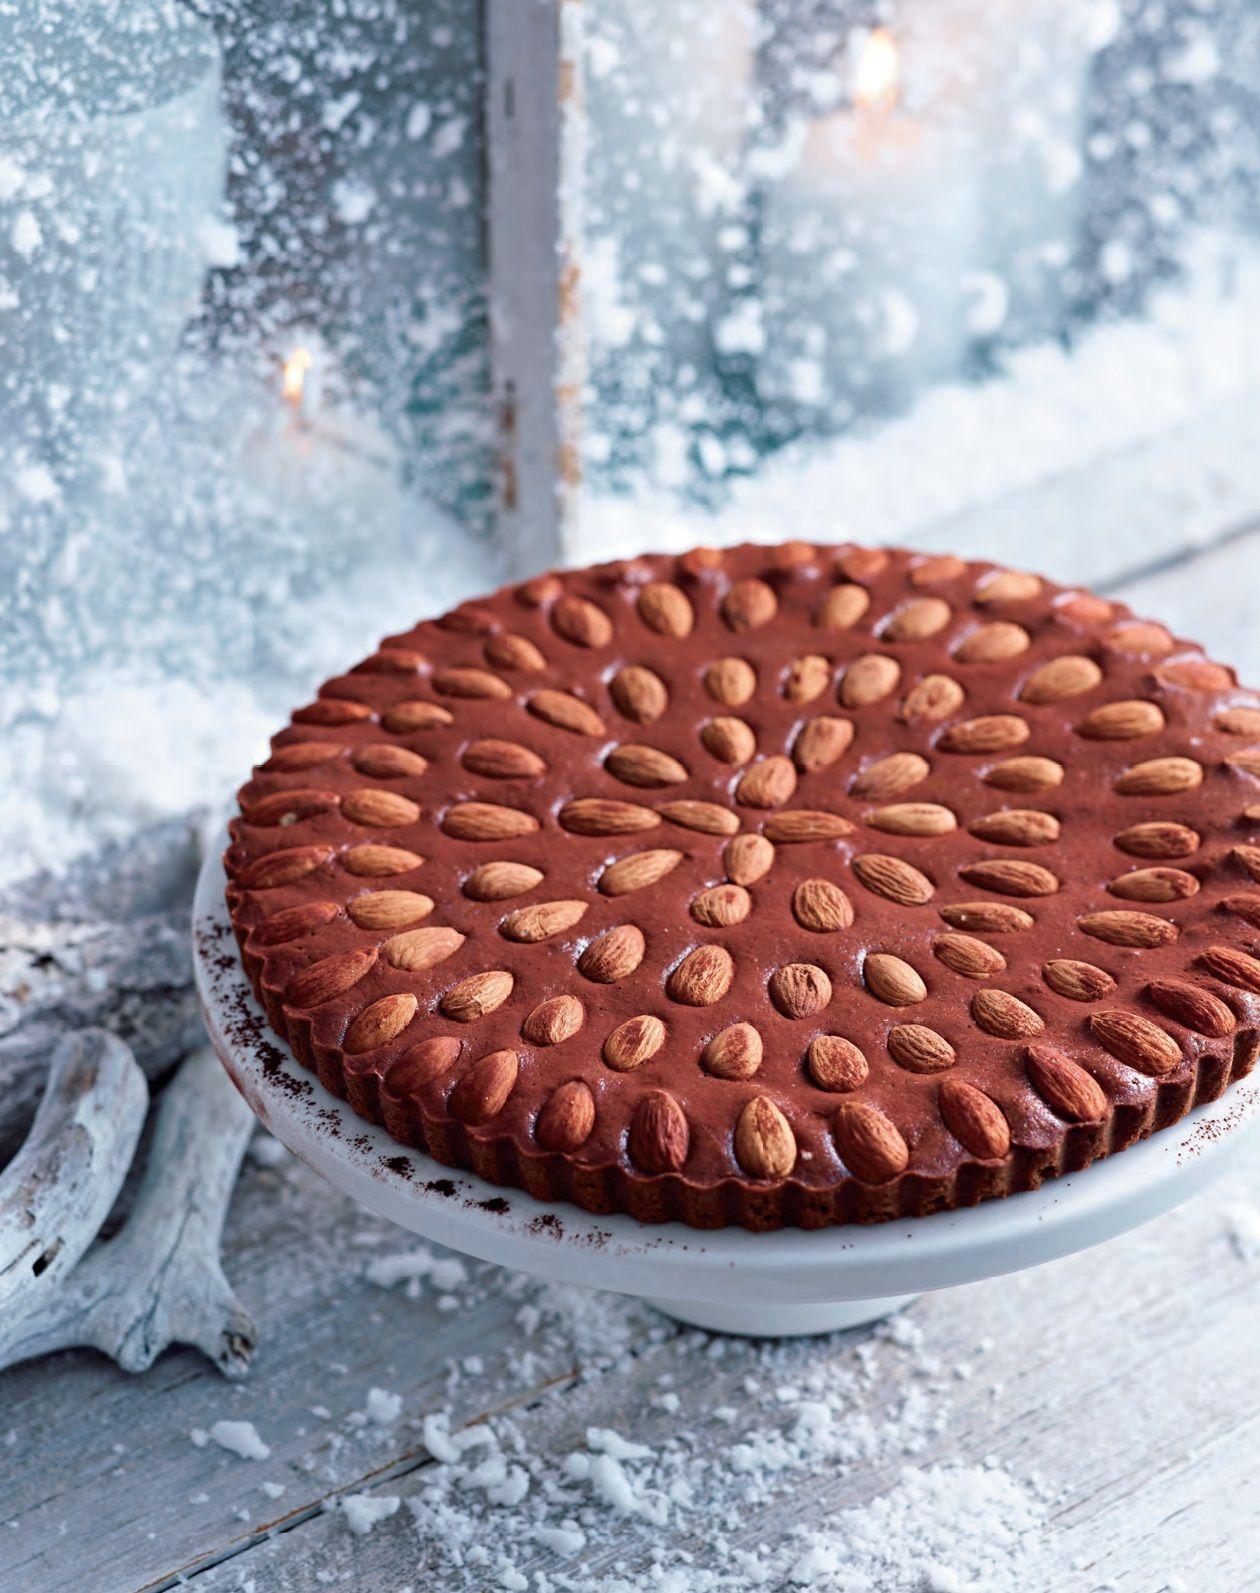 """Heerlijke bij de koffie of als dessert met mascarpone en rood fruit, niet alleen voor de kerstdagen! Een Italiaans gekruide taart uit """"delicious. Lekker koken!"""" Kijk hier voor een van de andere recepten: http://www.fontaineuitgevers.nl/wp/wp-content/uploads/9789059564503-delicious-Lekker-koken-klein.pdf"""